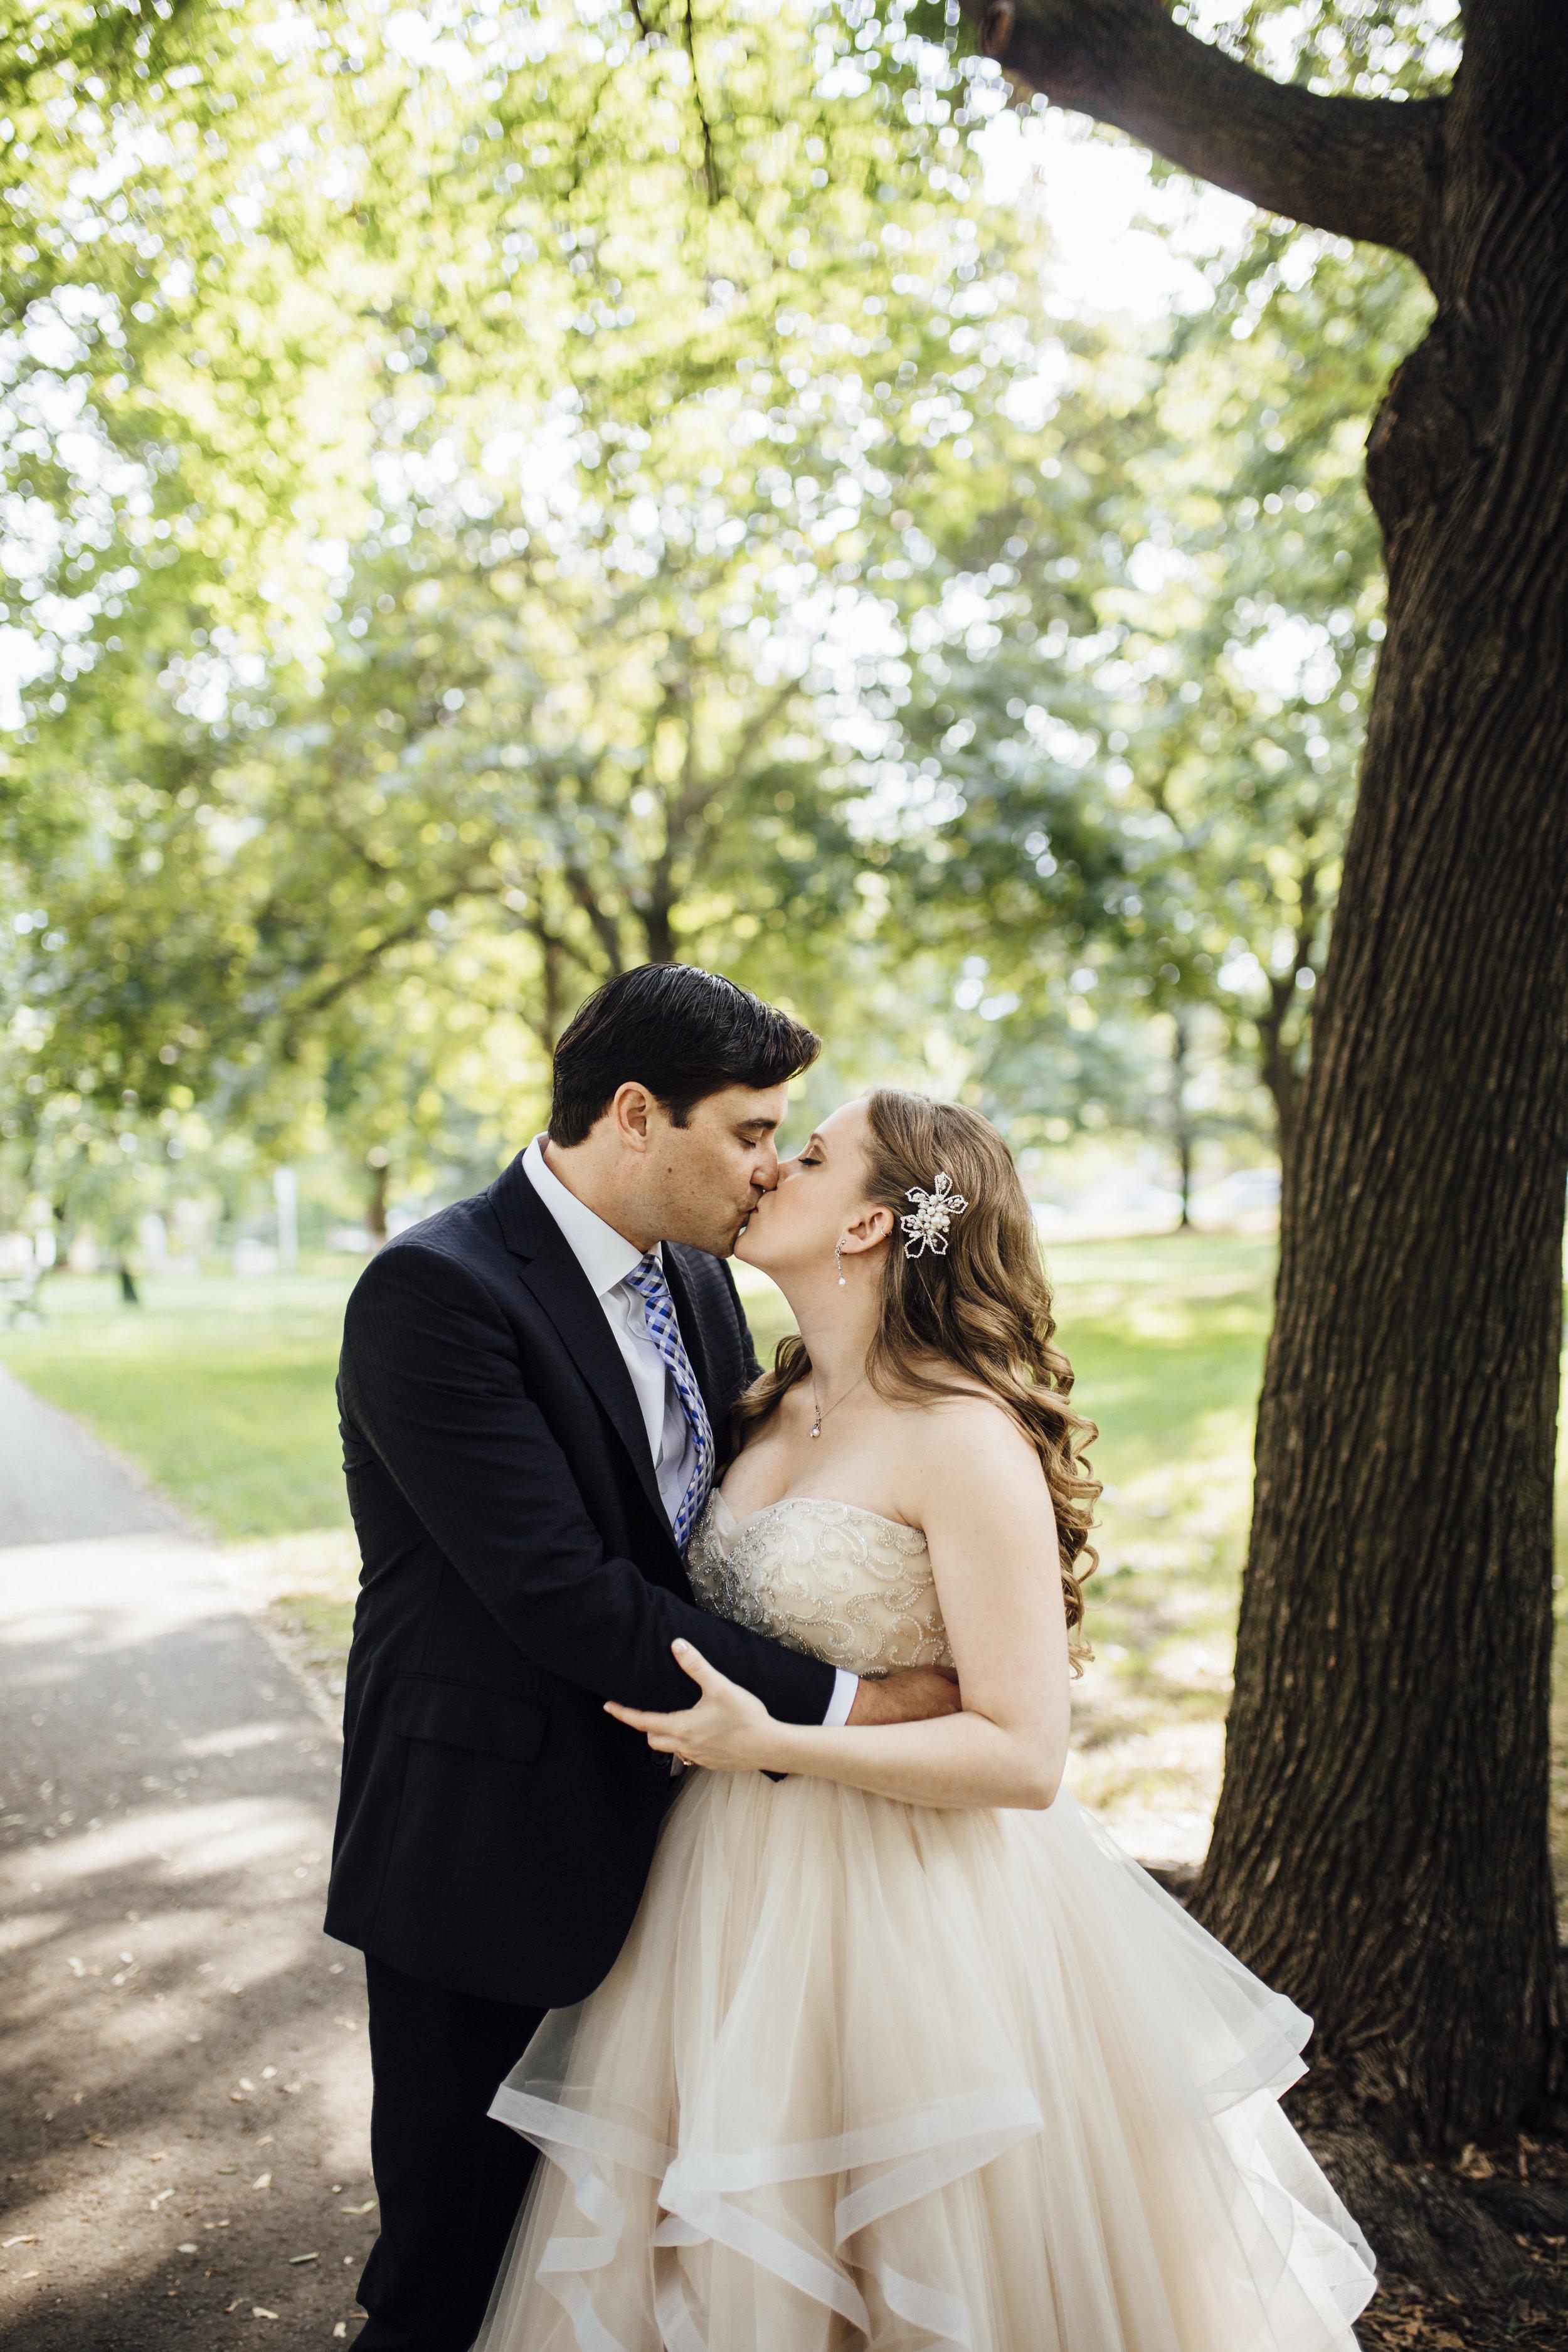 Shayna&Josh-Wedding-Gollom-059.jpg